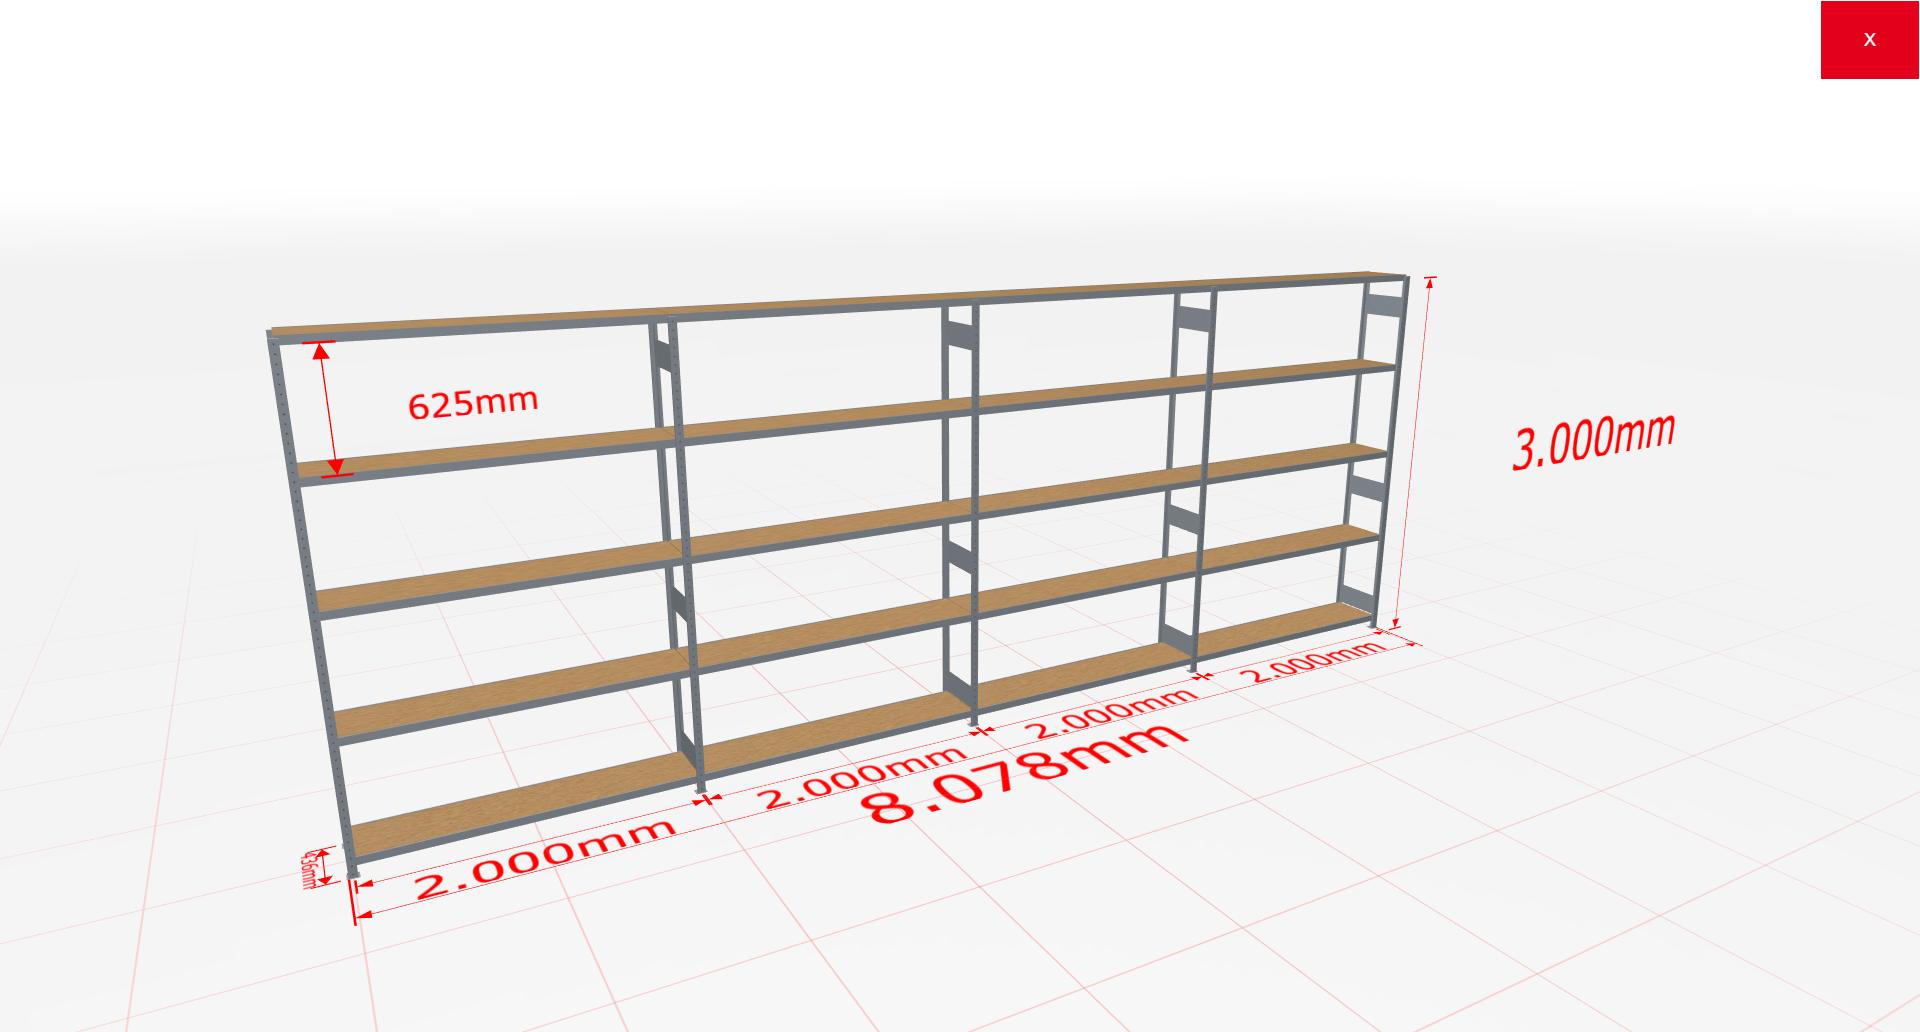 Weitspannregal Komplettregal 3000x8078x400 mm (HxBxT) SCHULTE Lagertechnik verzinkt mit Spanplattenböden